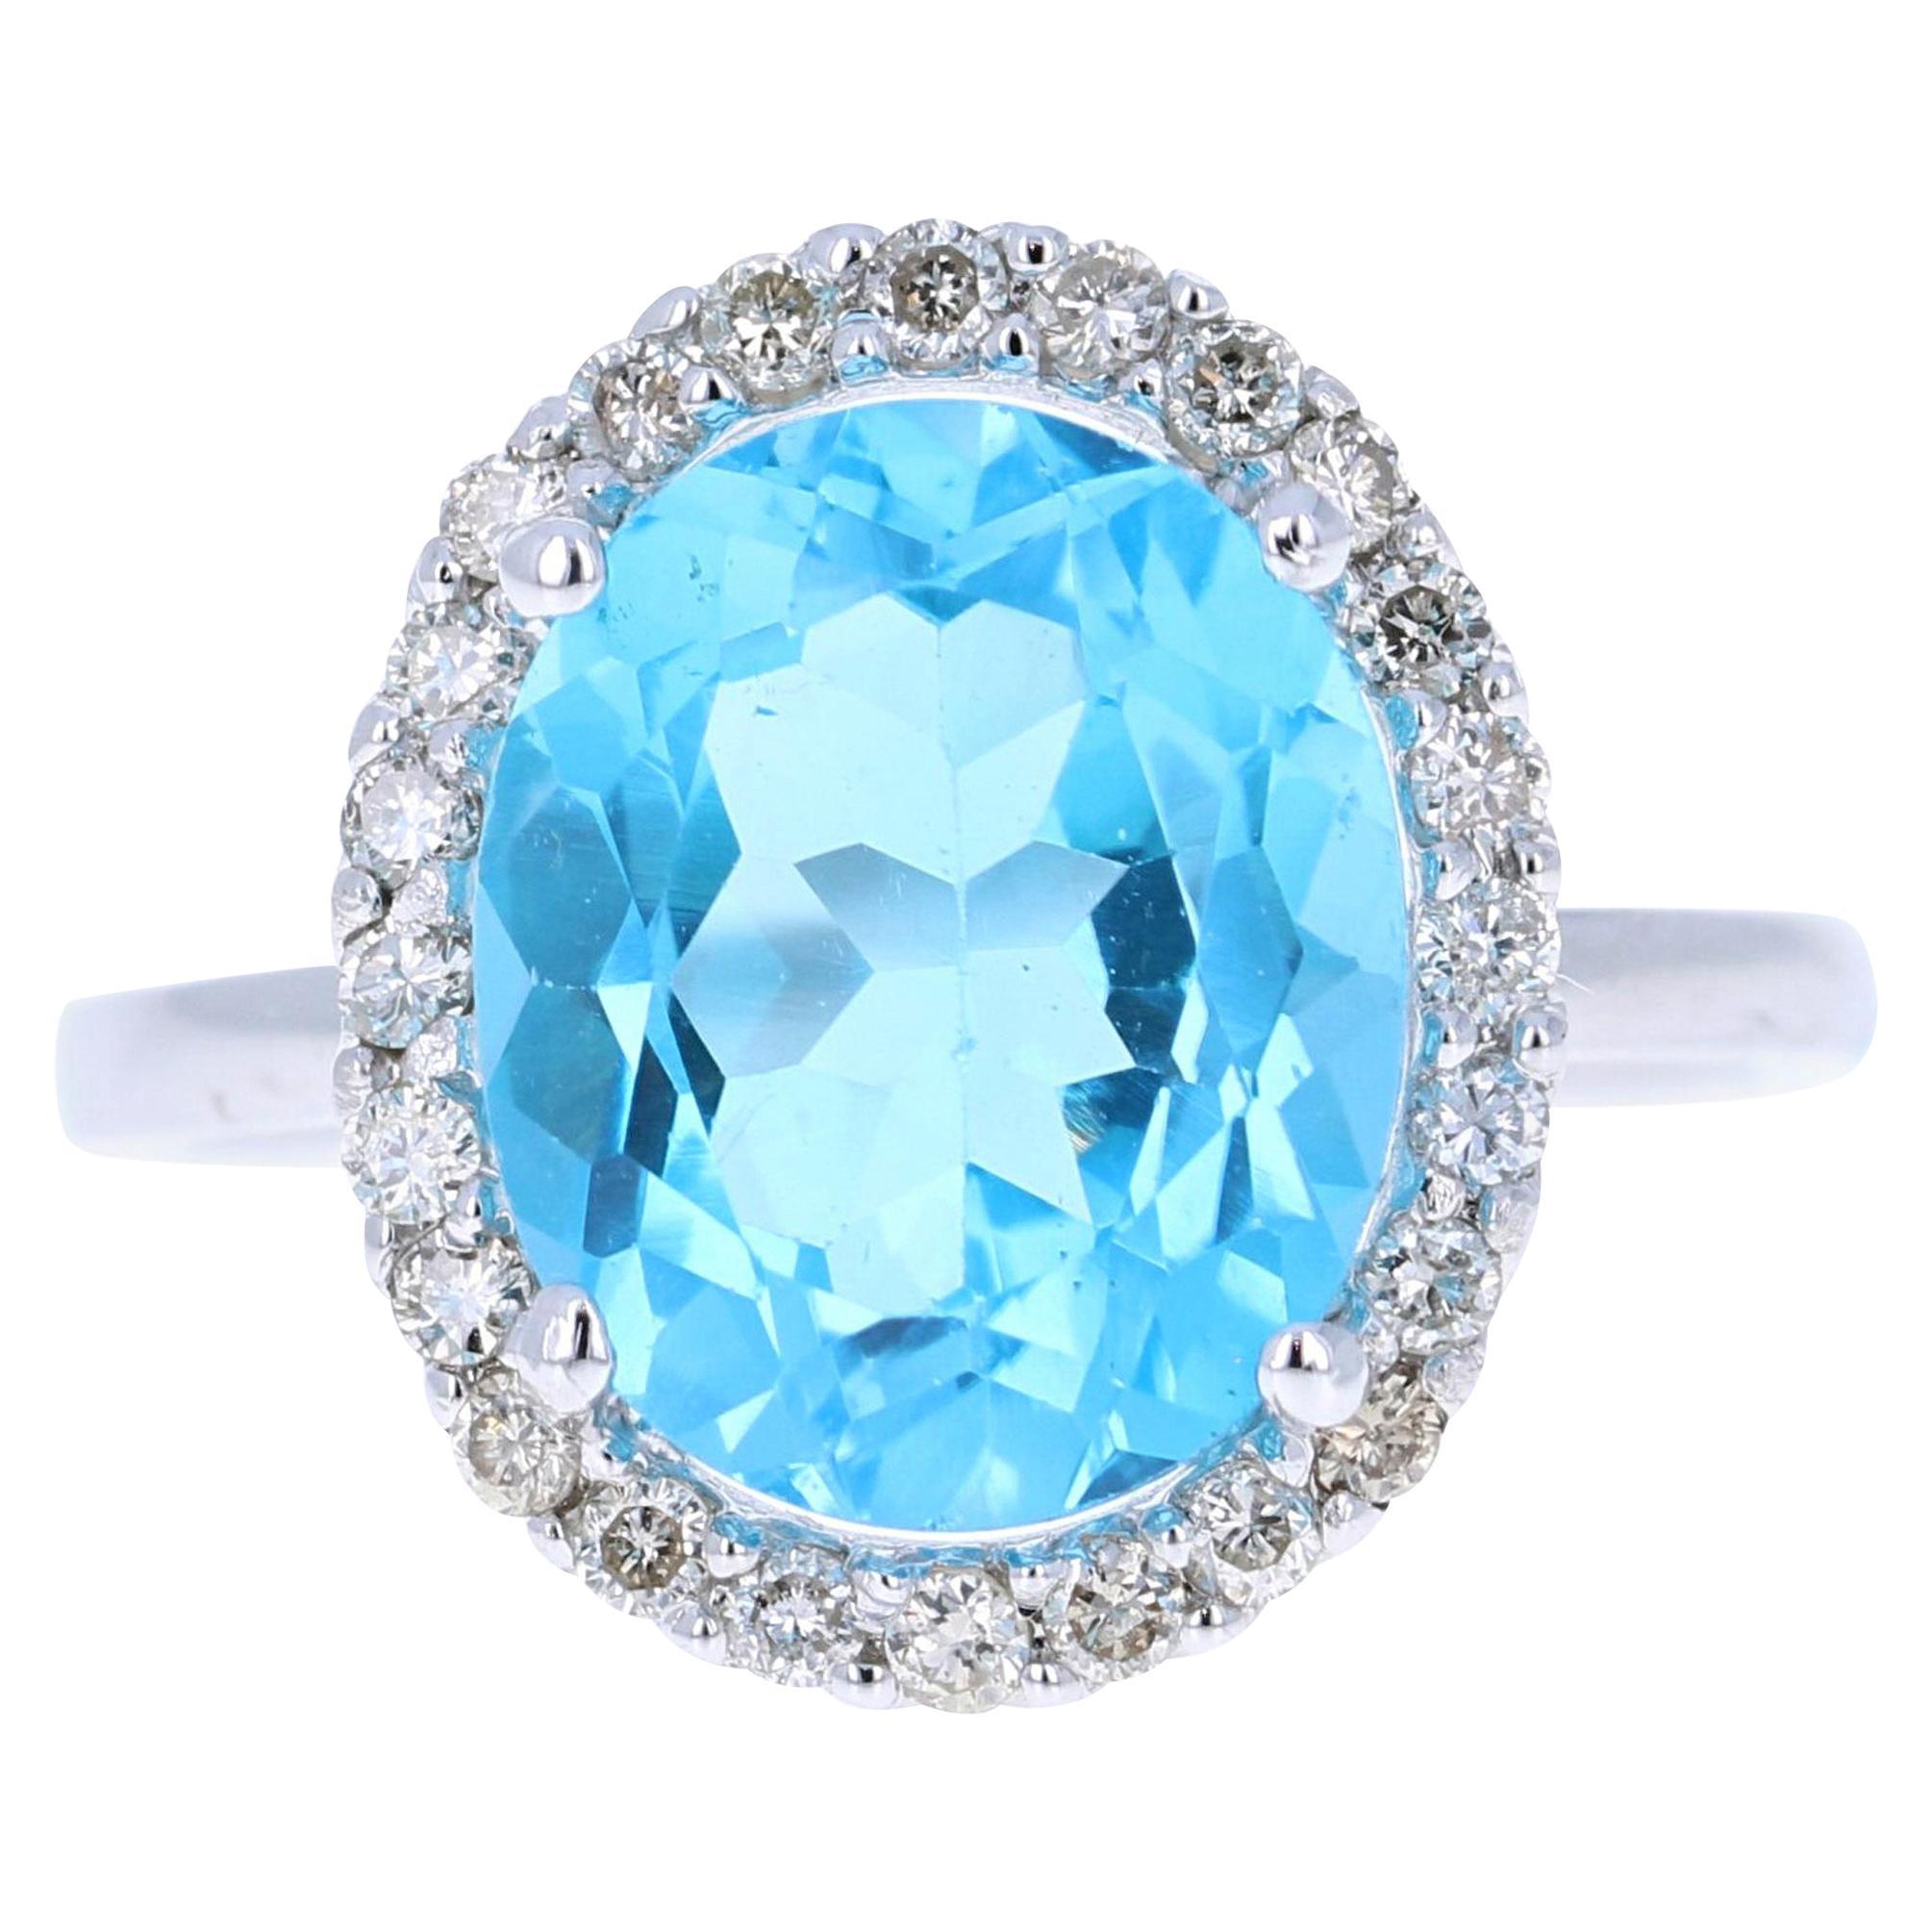 6.14 Carat Blue Topaz Diamond 14 Karat White Gold Ring